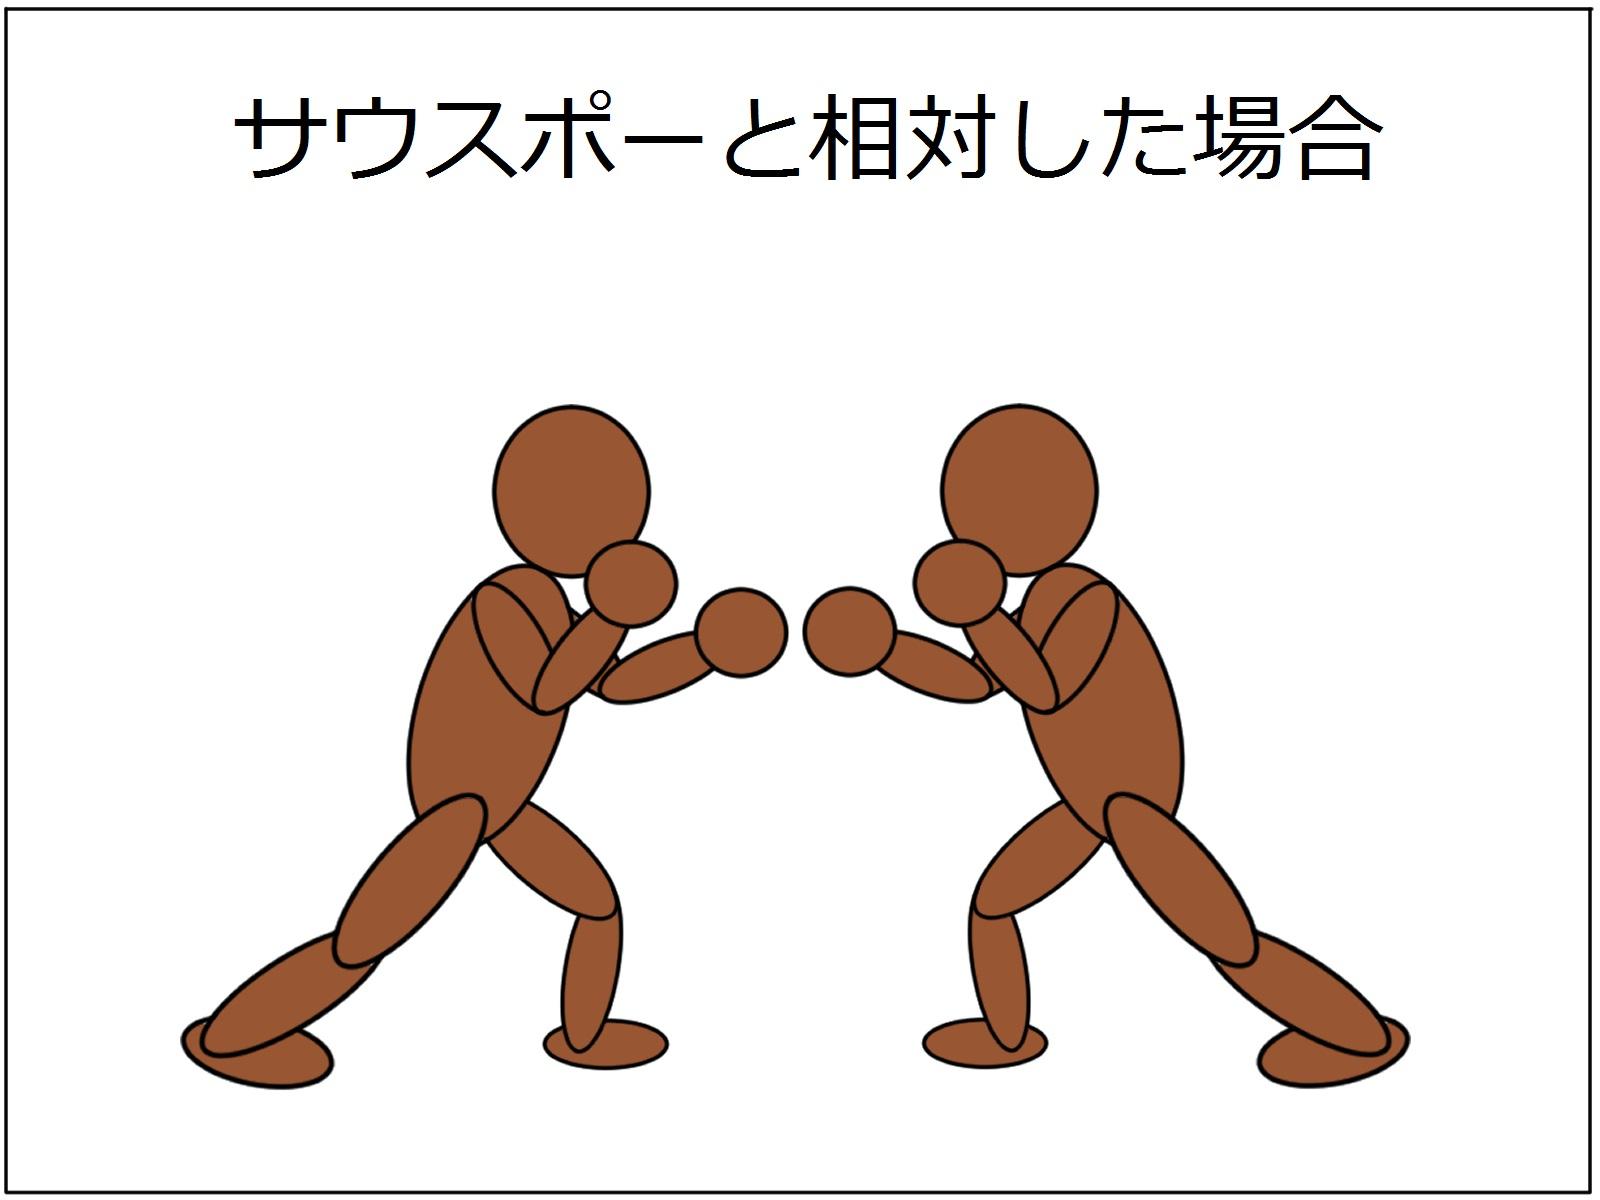 極真空手|【上級者】右利きサウスポーをマスターすれば勝率倍増!